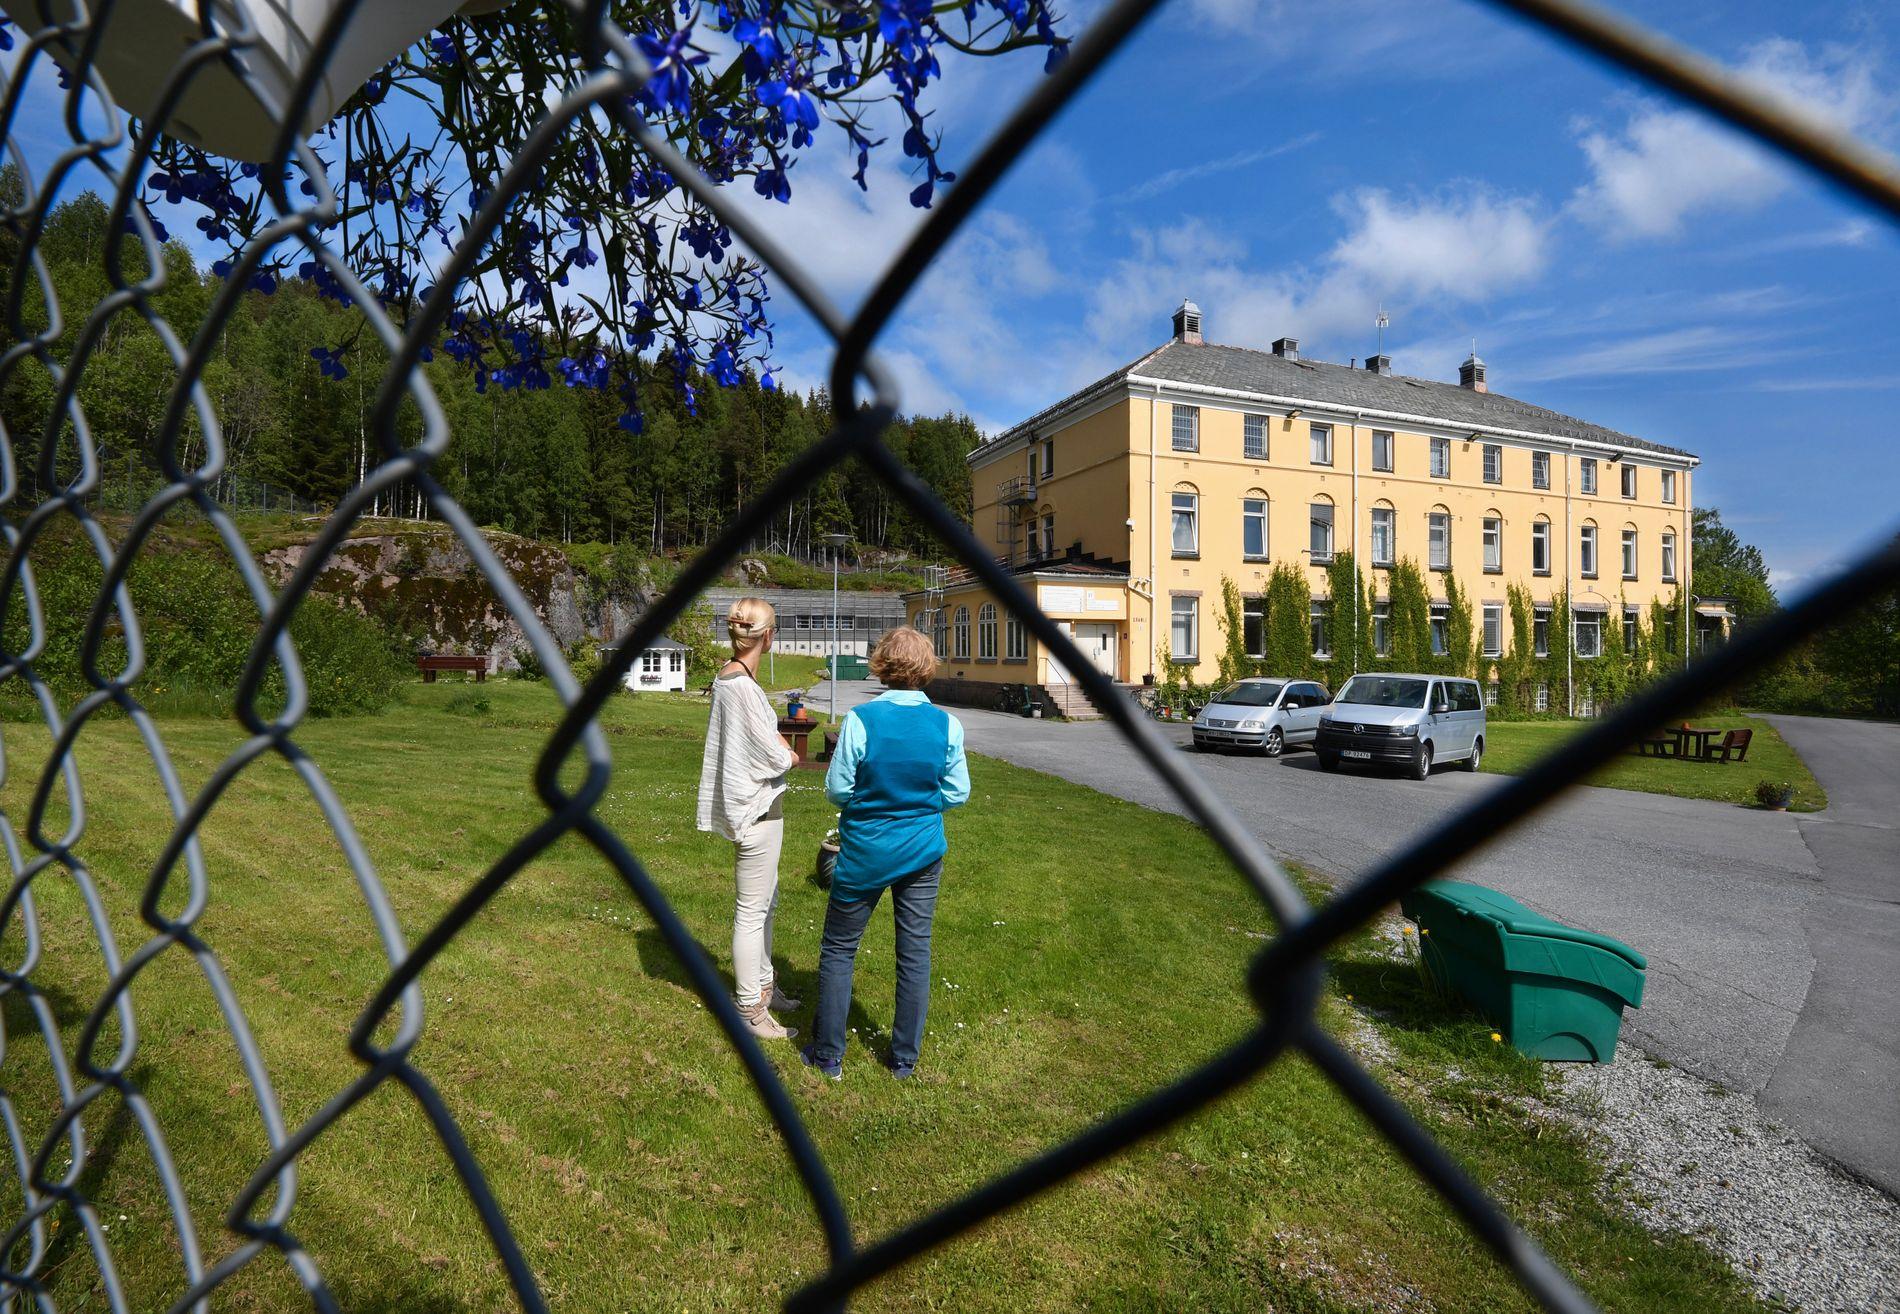 LEGER: Psykologspesialist Marthe Halvorsen Kjærstad og overlege Maria Sigurjonsdottir jobber begge ved RSA Dikemark. Av hensyn til sikkerheten er de ikke avbildet forfra.